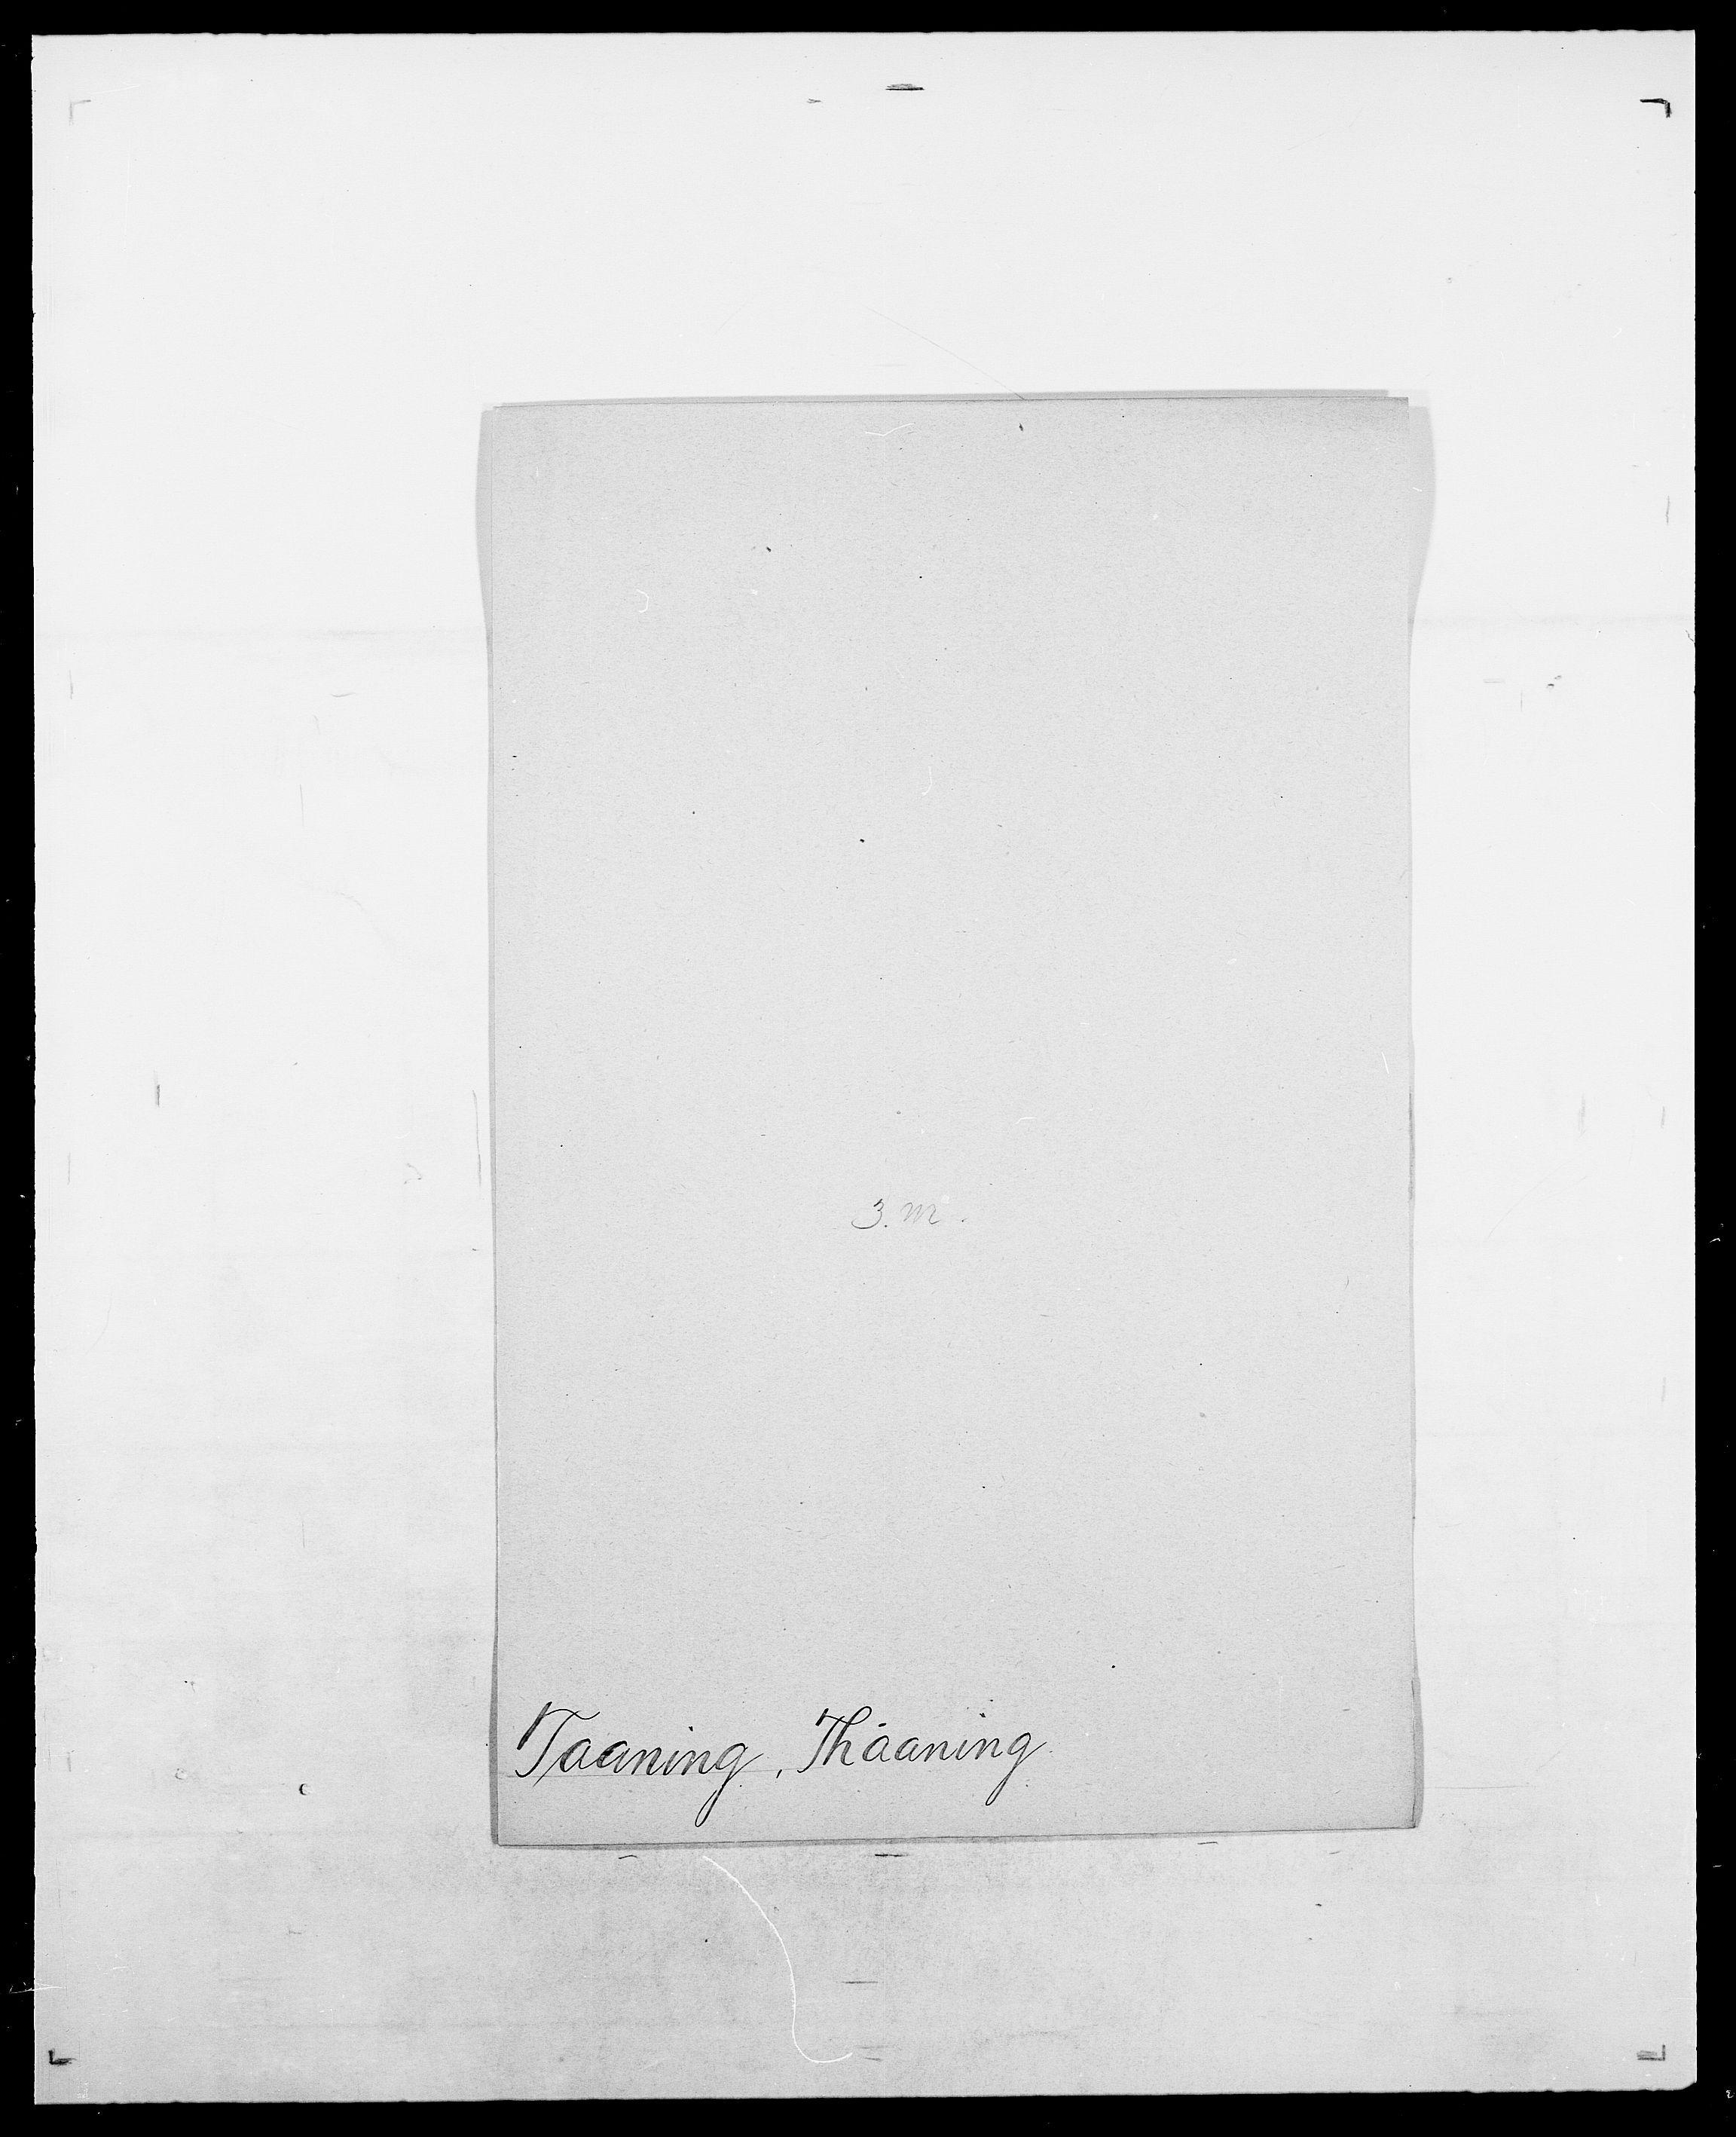 SAO, Delgobe, Charles Antoine - samling, D/Da/L0038: Svanenskjold - Thornsohn, s. 259